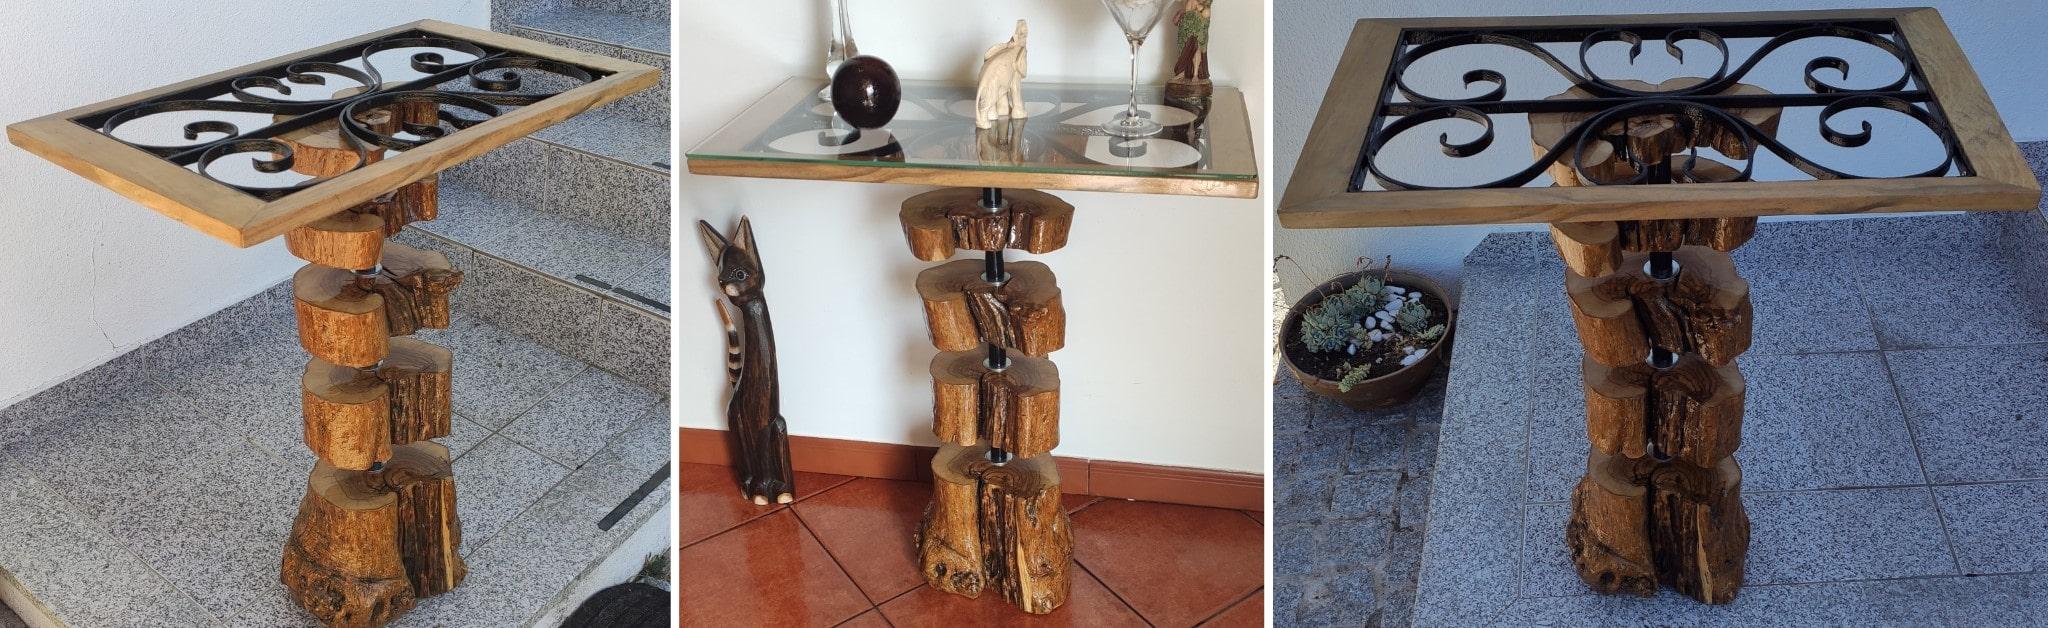 Mesa com tronco de oliveira e grade em ferro.